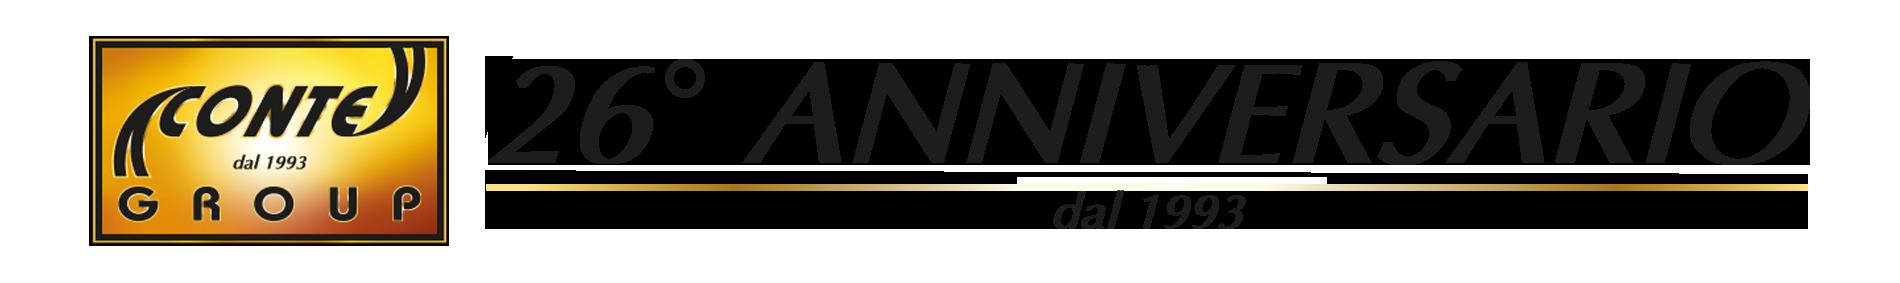 banner-26anni